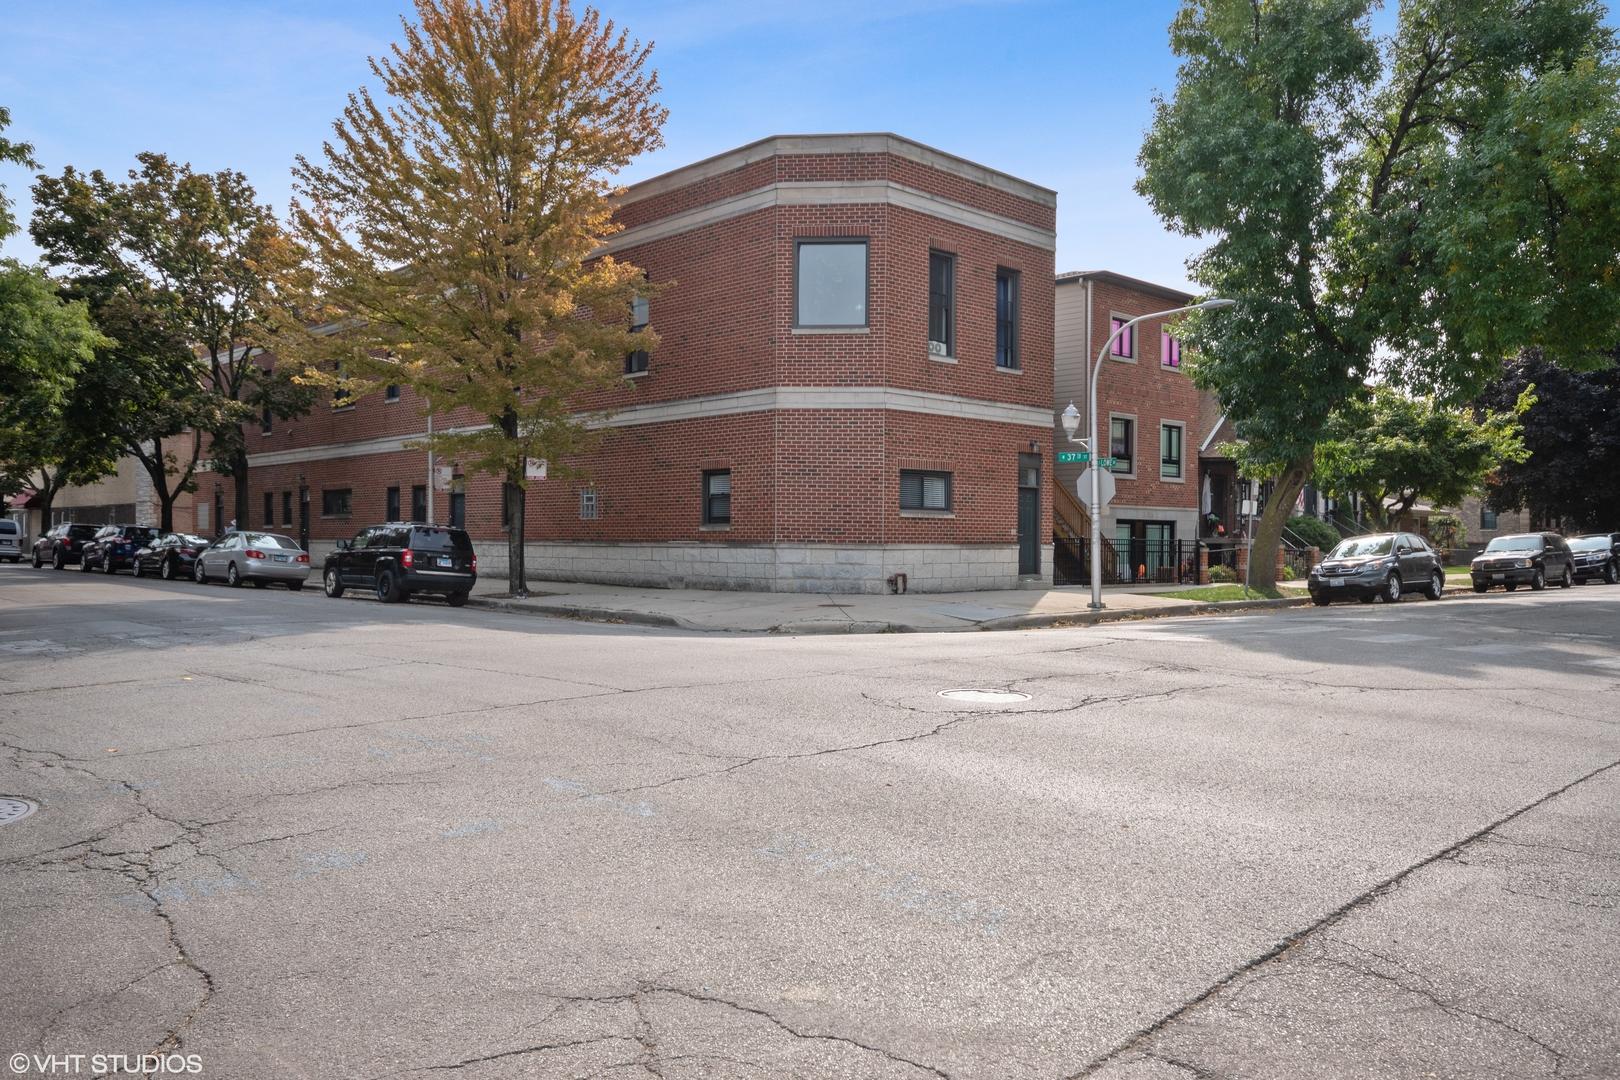 3701 S Lowe Avenue Unit 2M, Chicago IL 60609